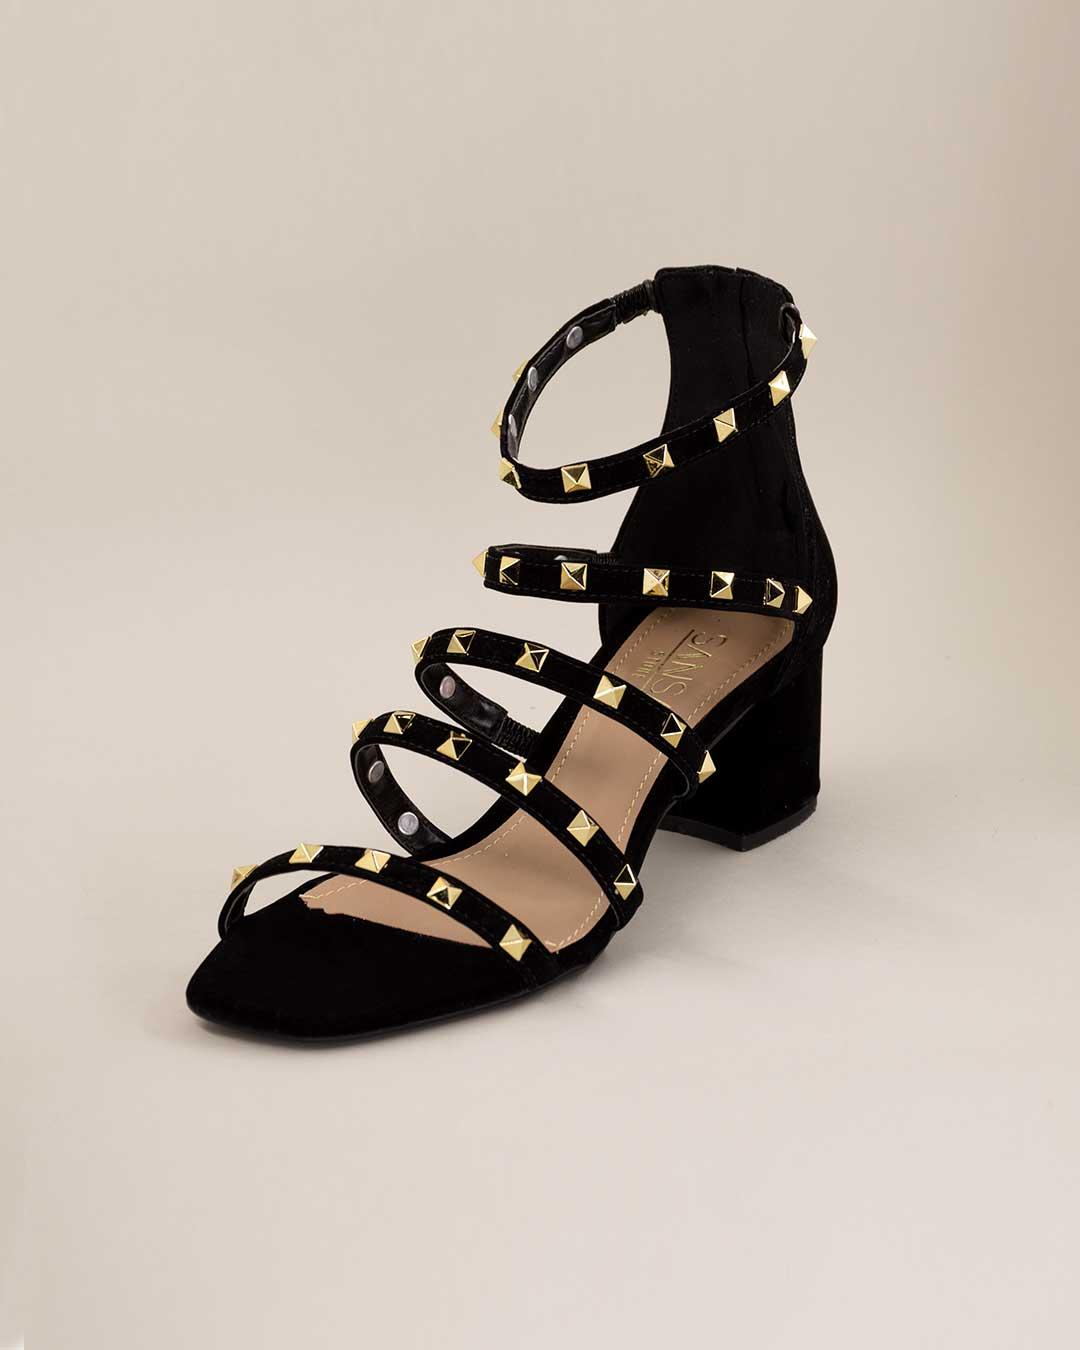 Sandália Salto Baixo Preta com Brilhos Dourado